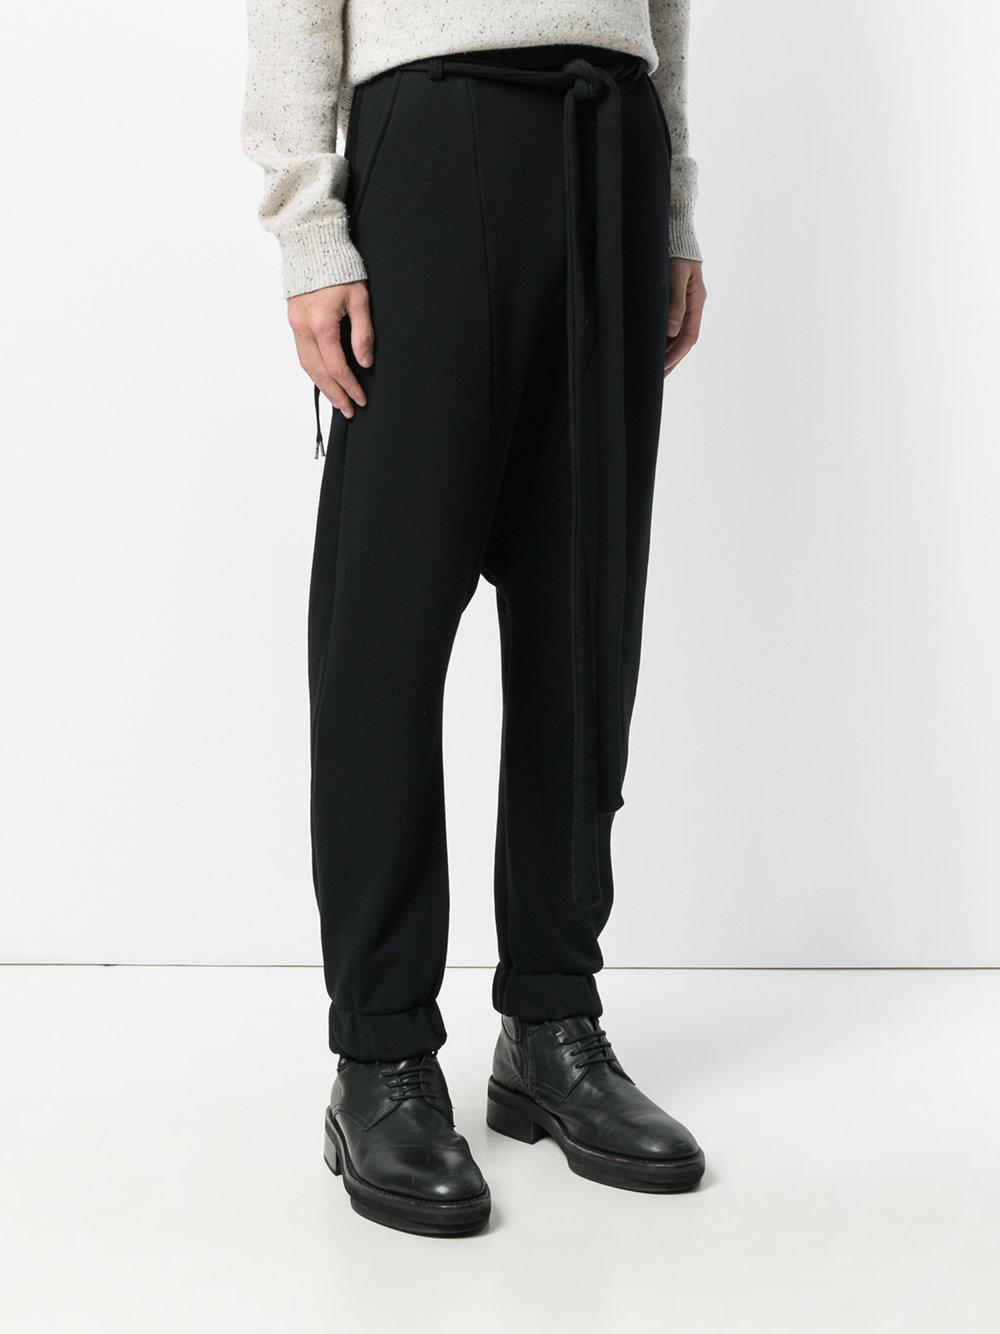 Allongé Pantalon Fuselé - Armée Noire De Moi RW8i9FwzJ9